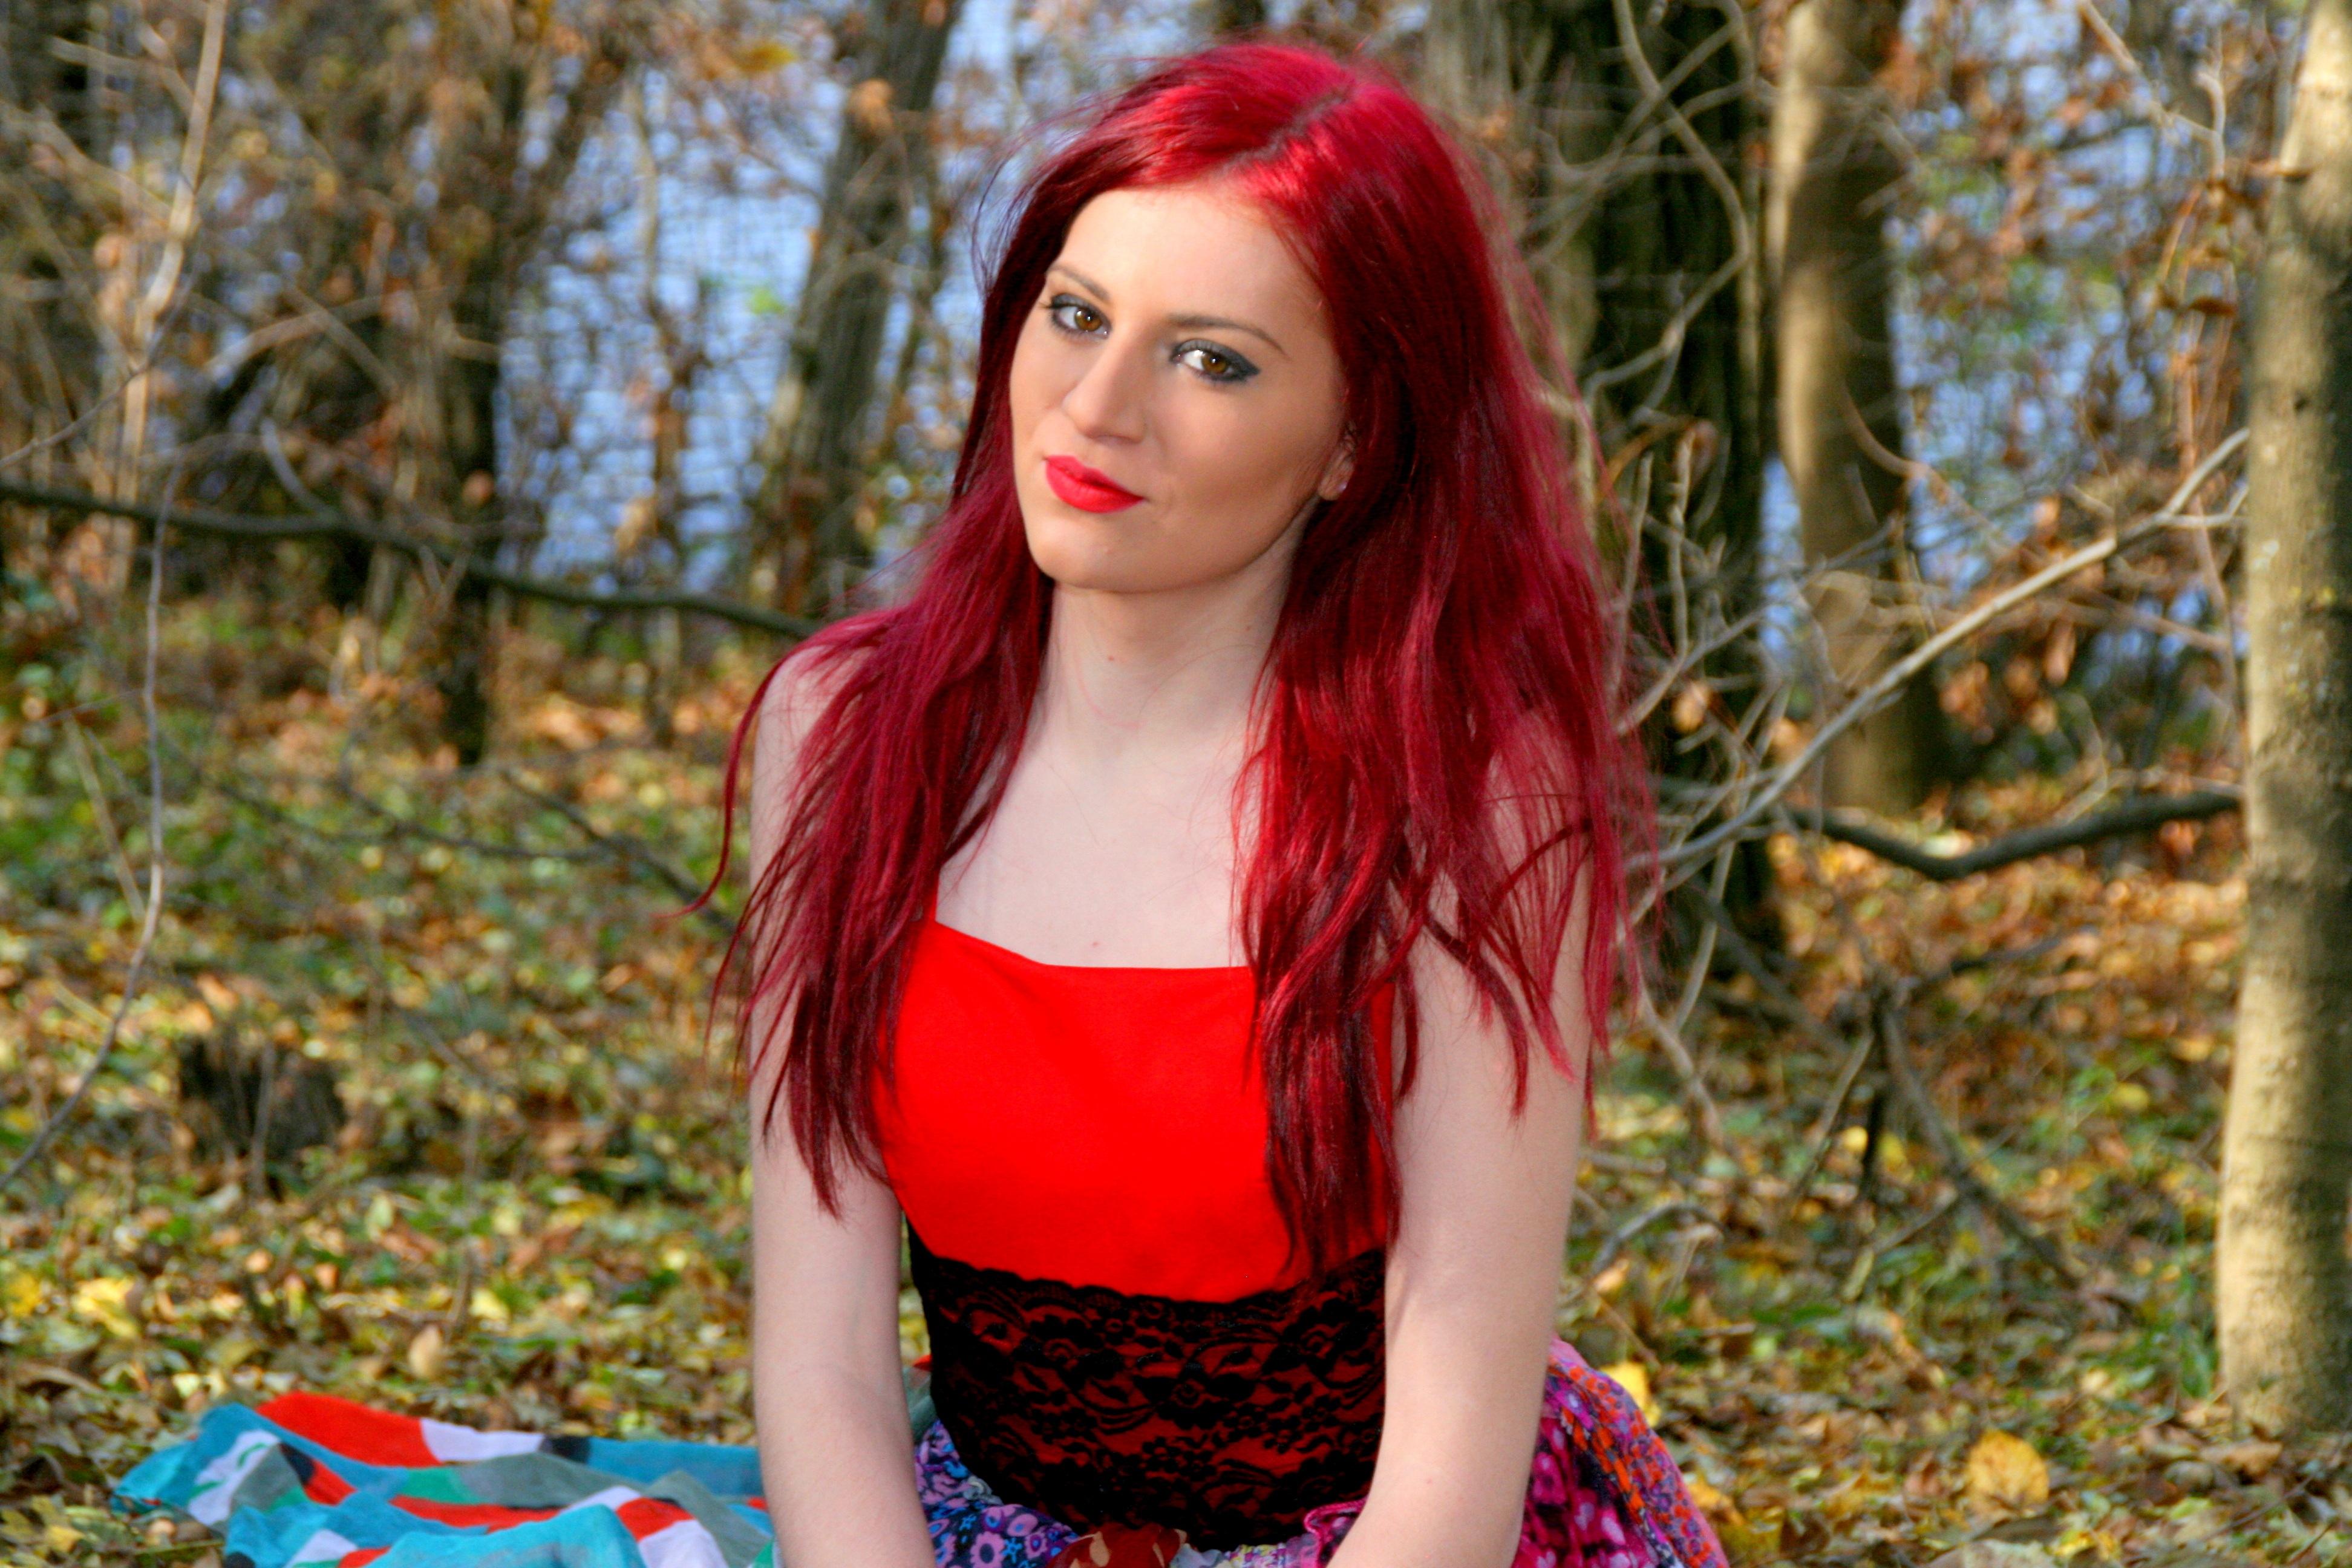 красивые красноволосые девушки онлайн порно